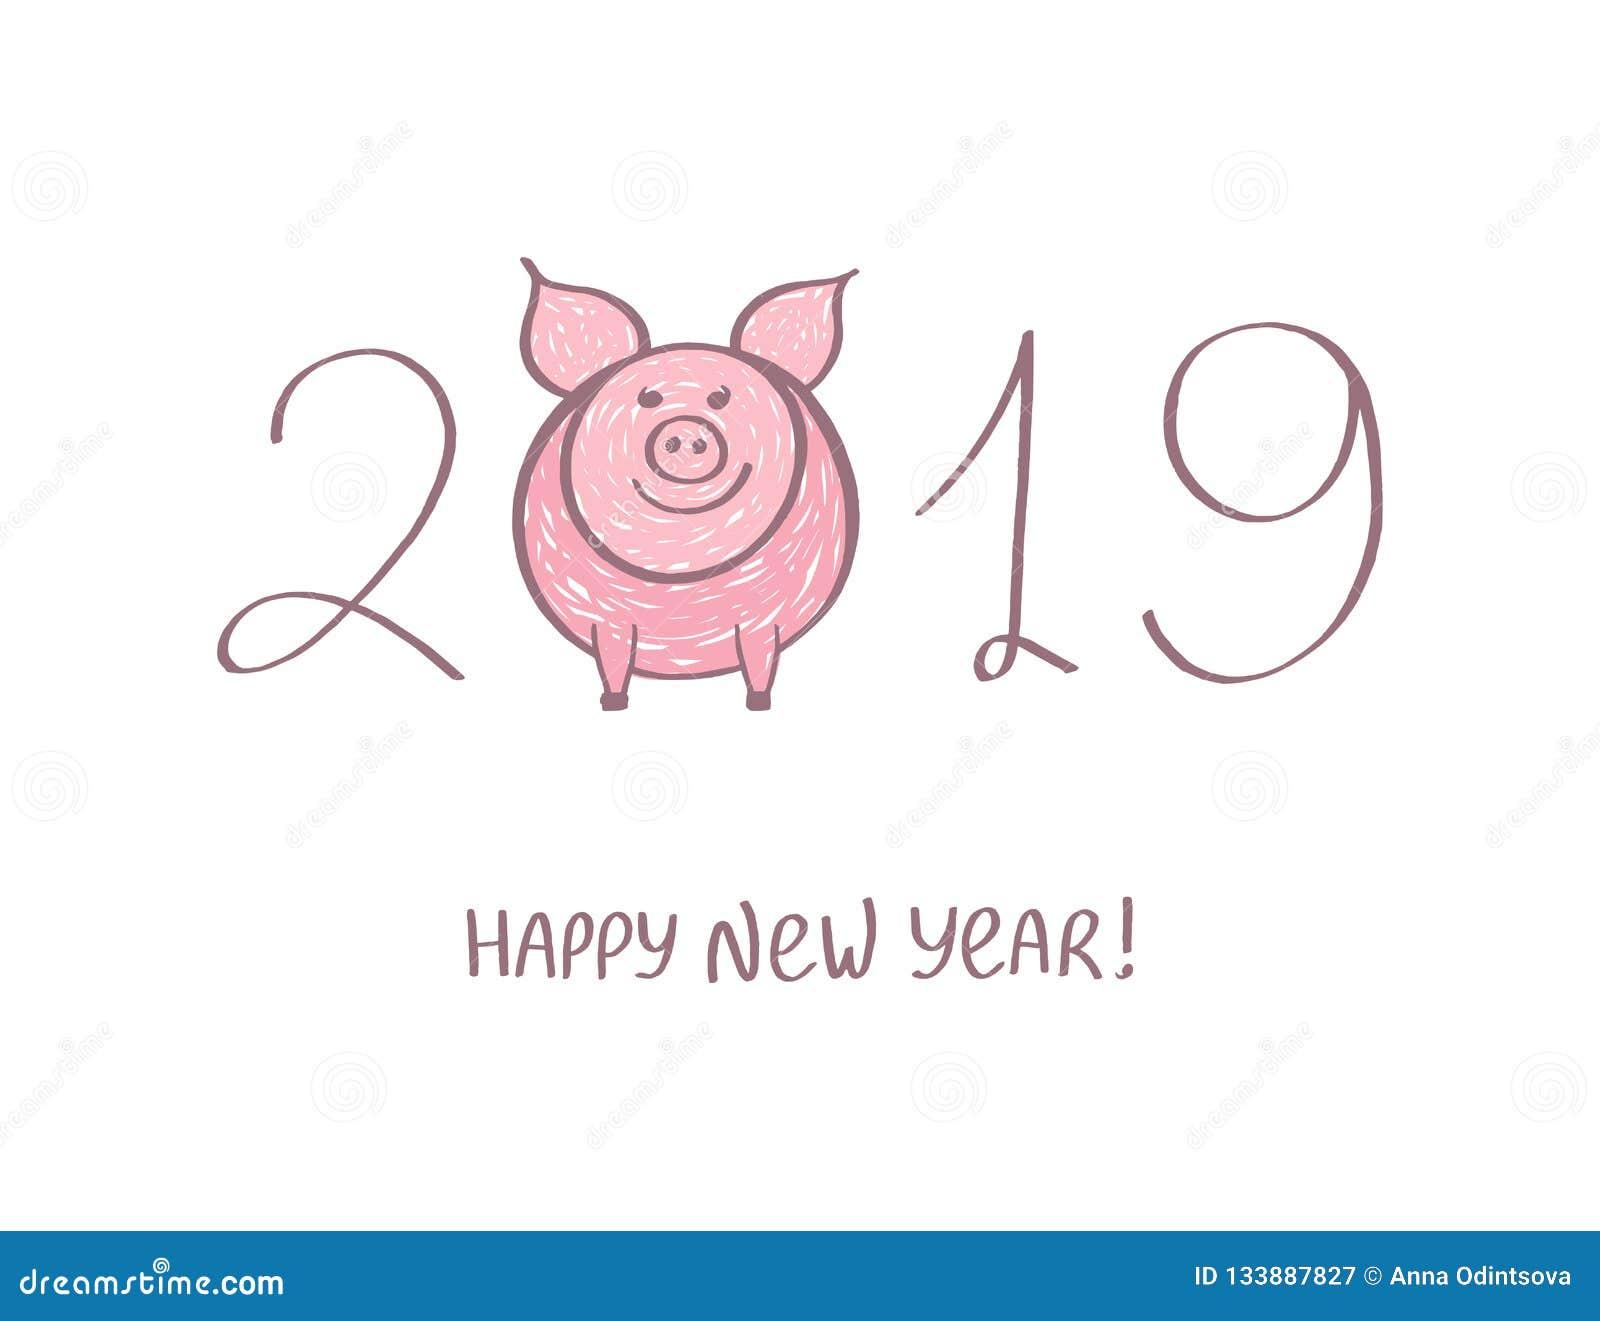 Cerdo rosado divertido lindo feliz 2019 Símbolo caligráfico exhausto de la historieta de la mano para el diseño del día de fiesta